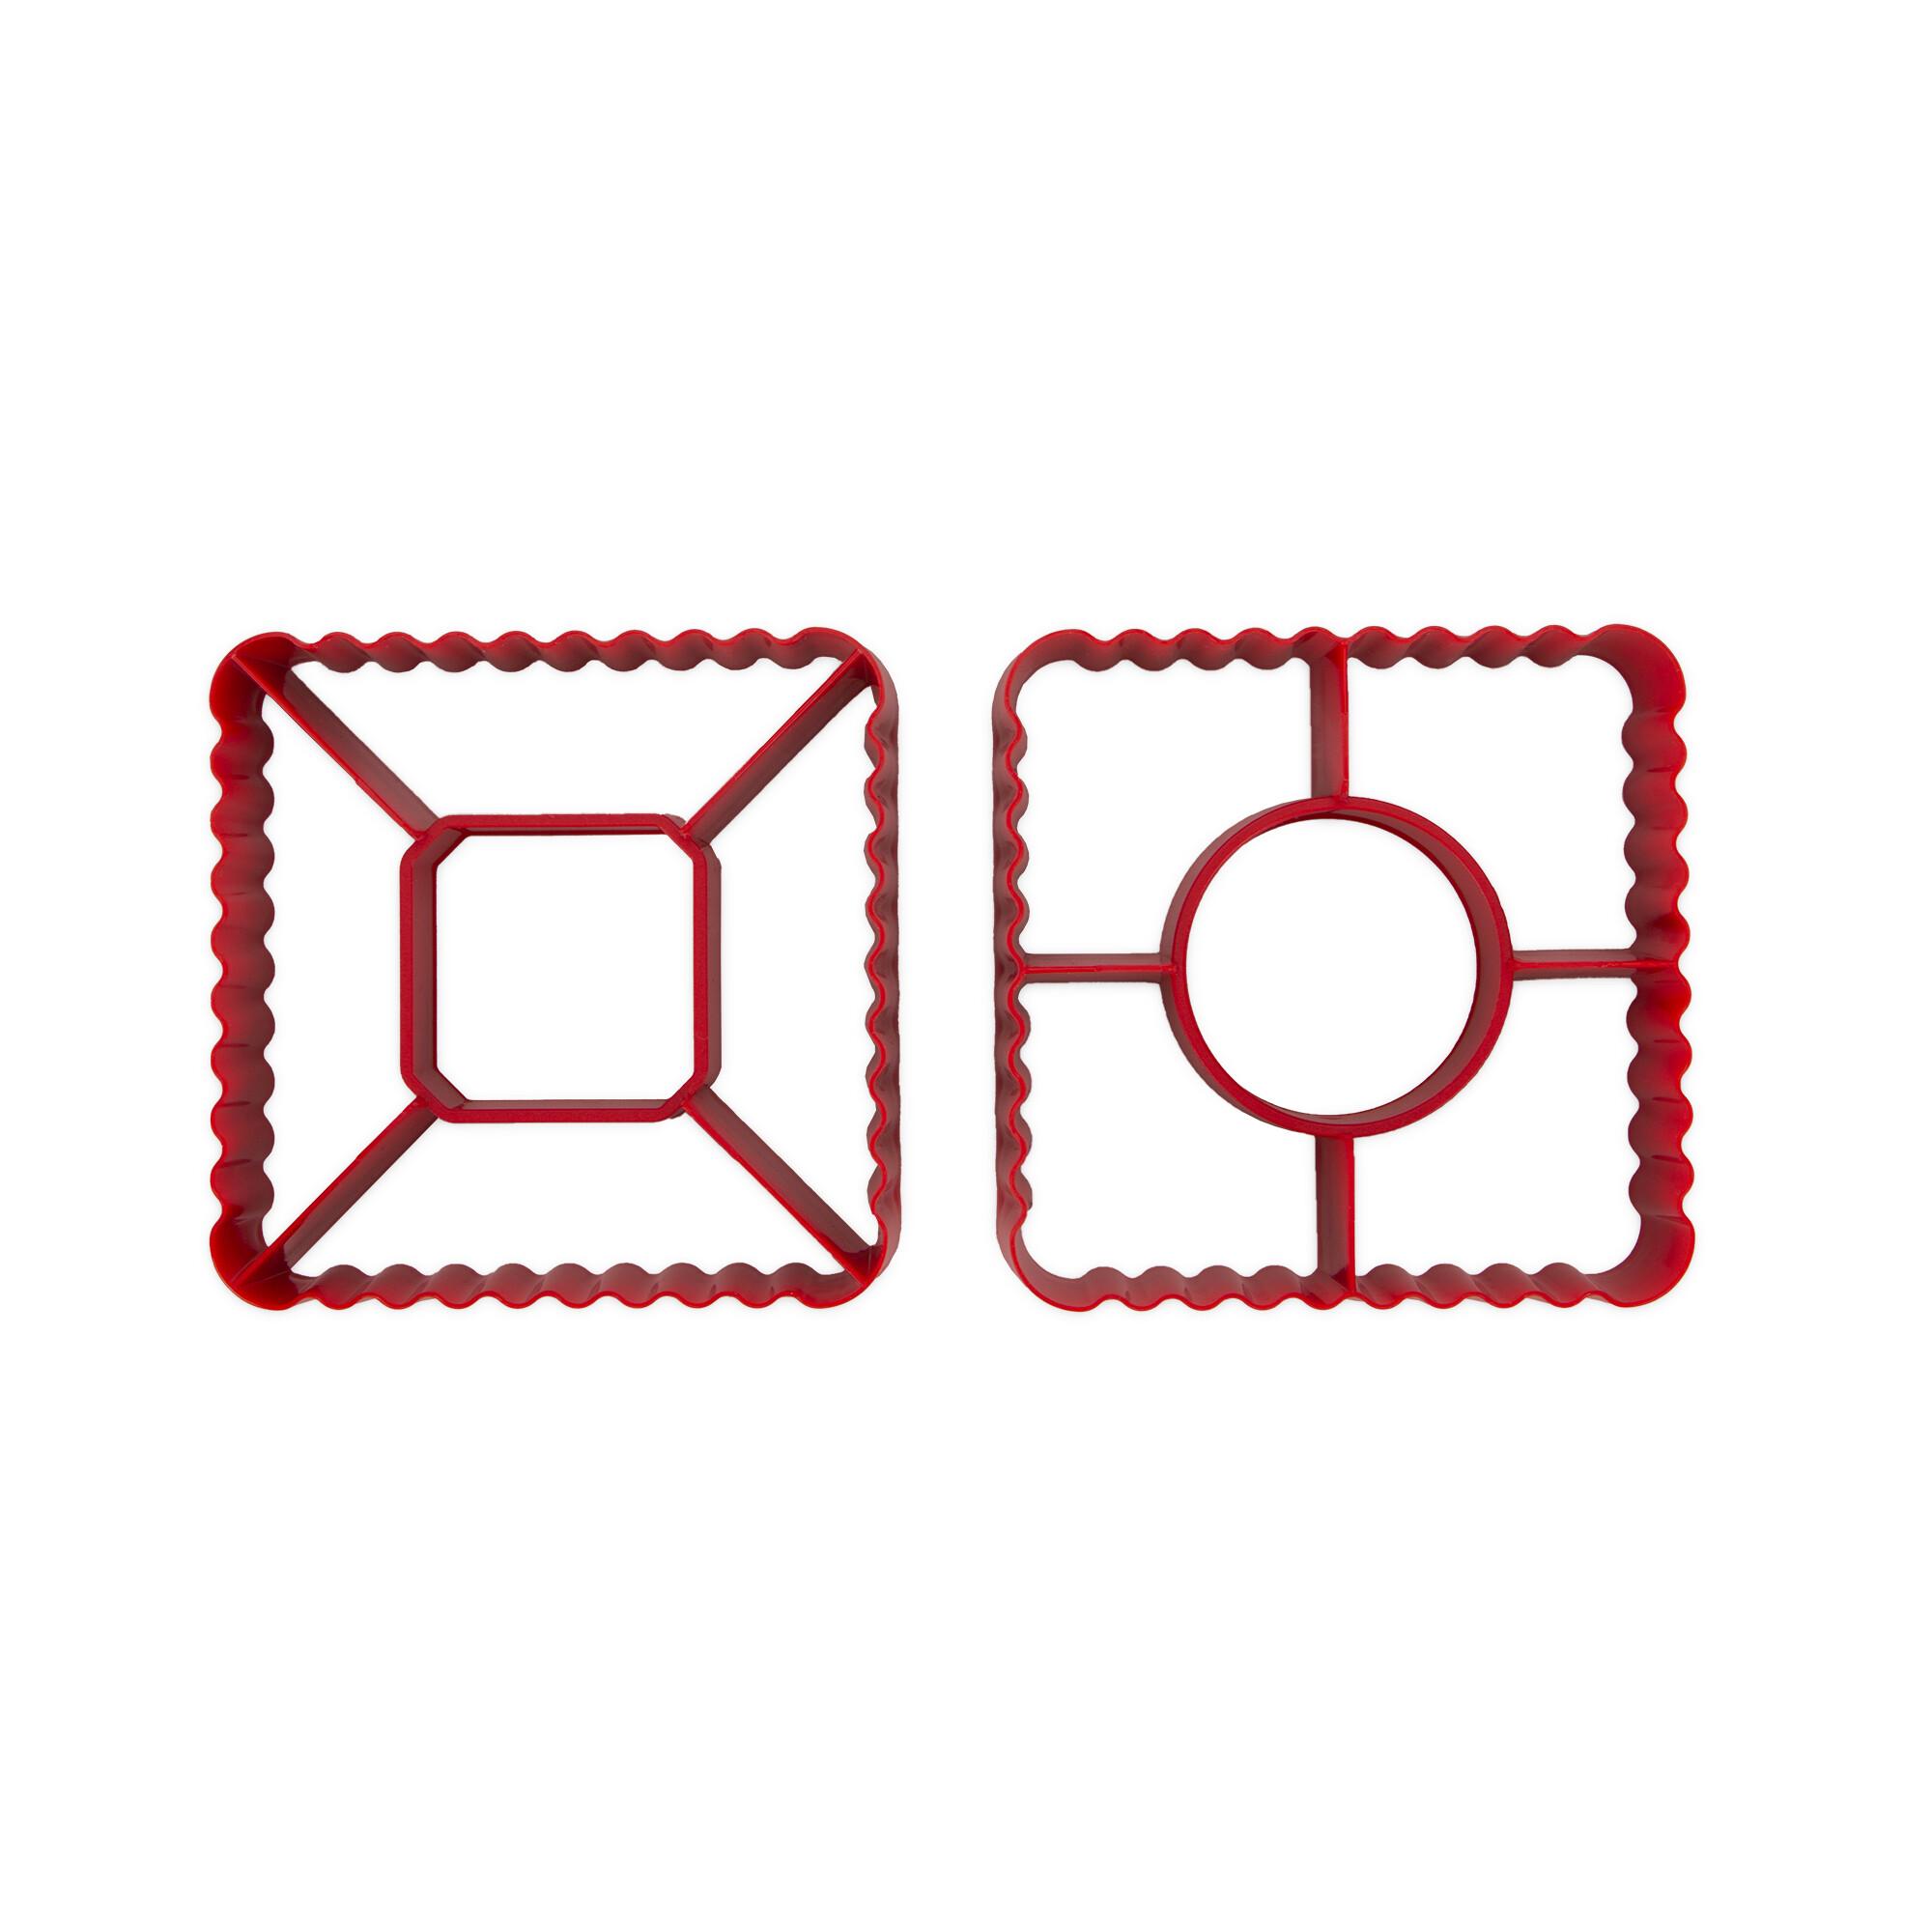 Ausstecher - Blätterteig - Pyramide / Windrad - 2 Stück